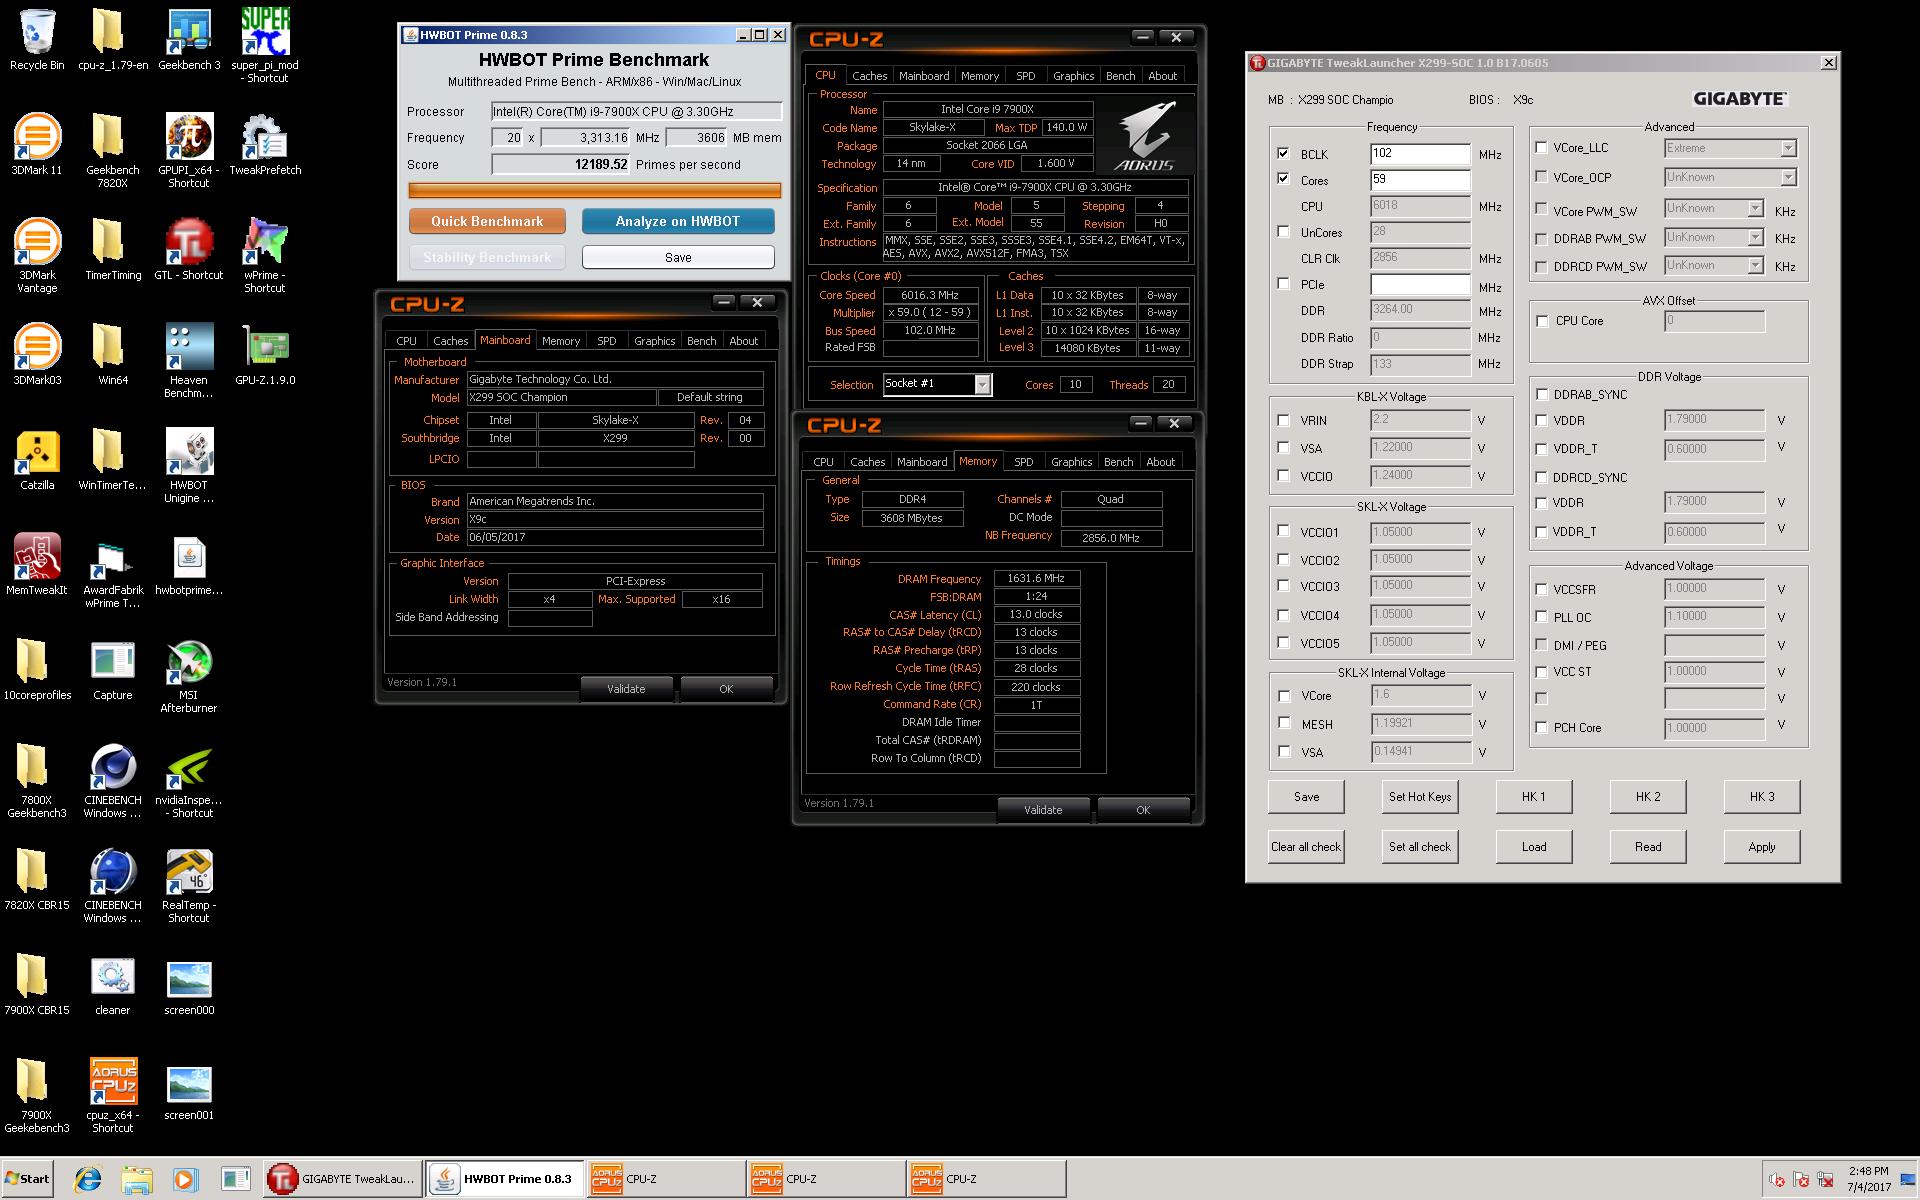 معالج إنتل Core i9 7900X يصل لتردد 6.01GHz ويحطم الرقم العالمي لـ HWBOT